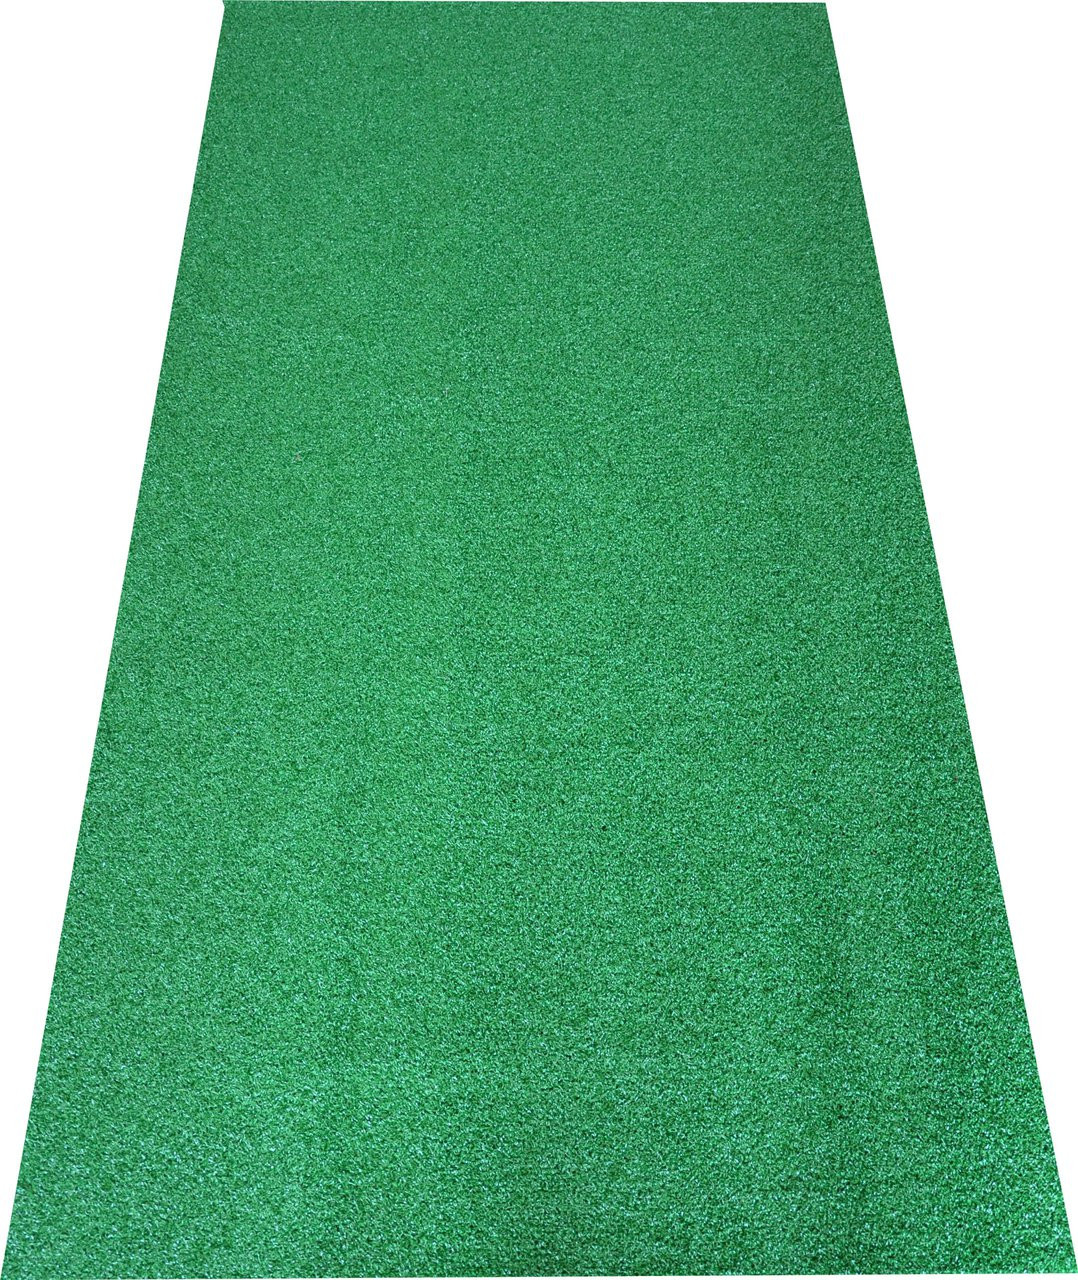 Dean Premium Heavy Duty IndoorOutdoor Green Artificial